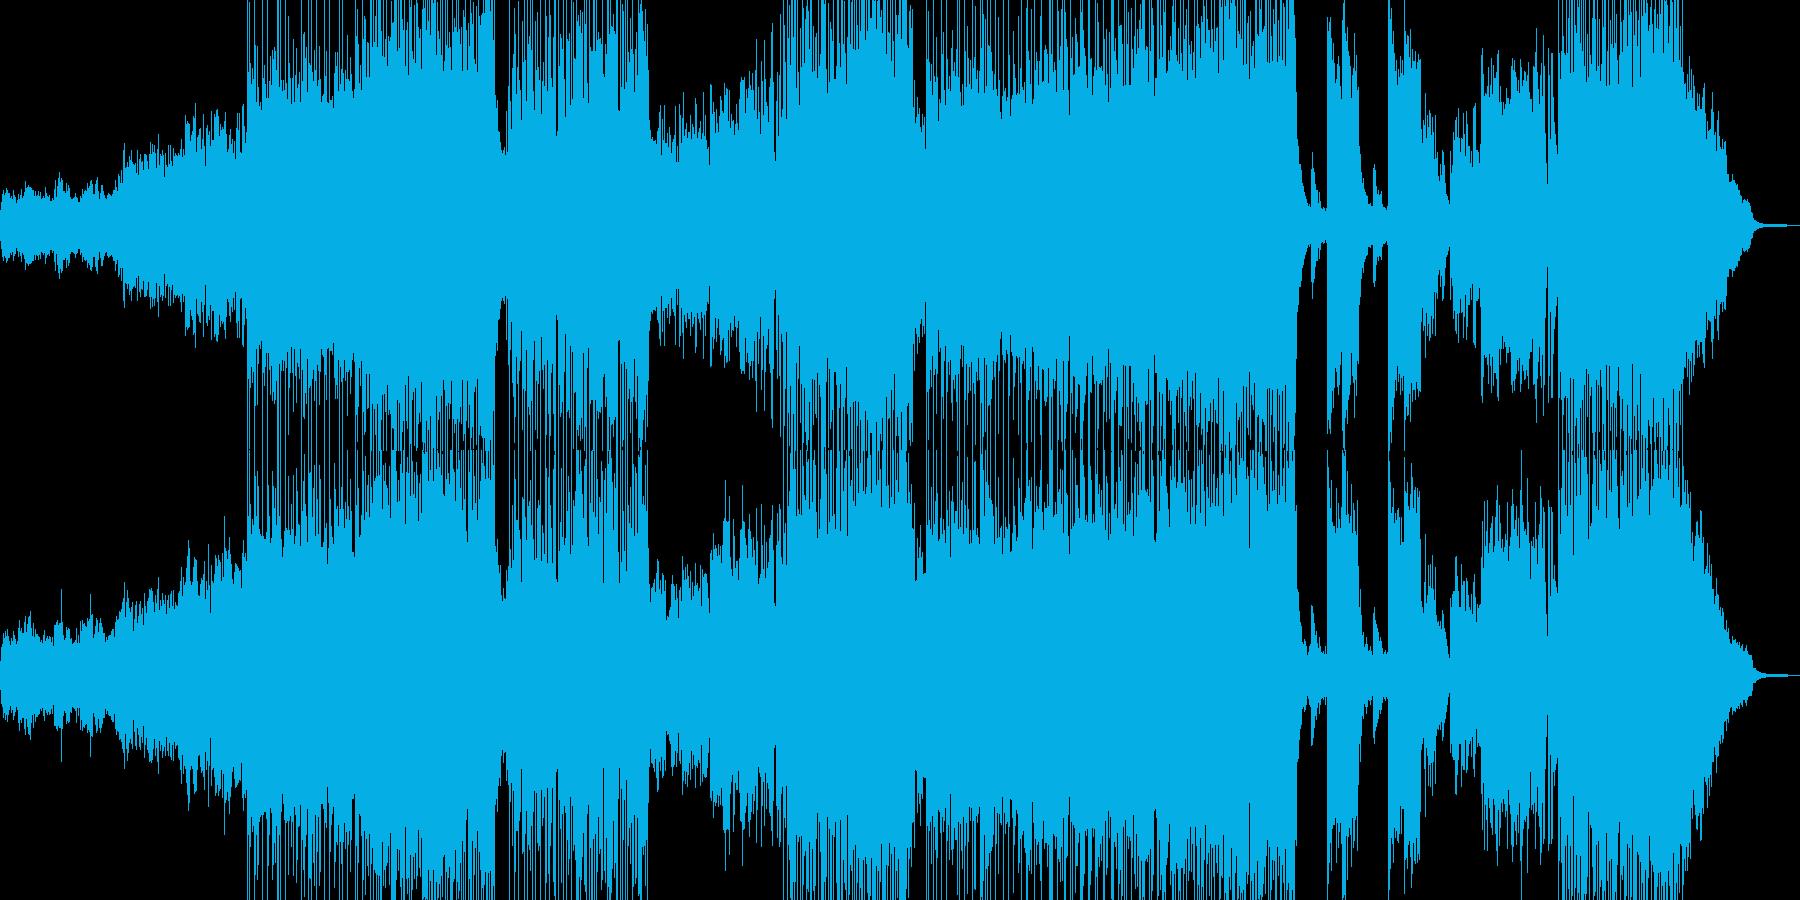 漆黒の闇 ラスボス現る前兆 変拍子ロックの再生済みの波形